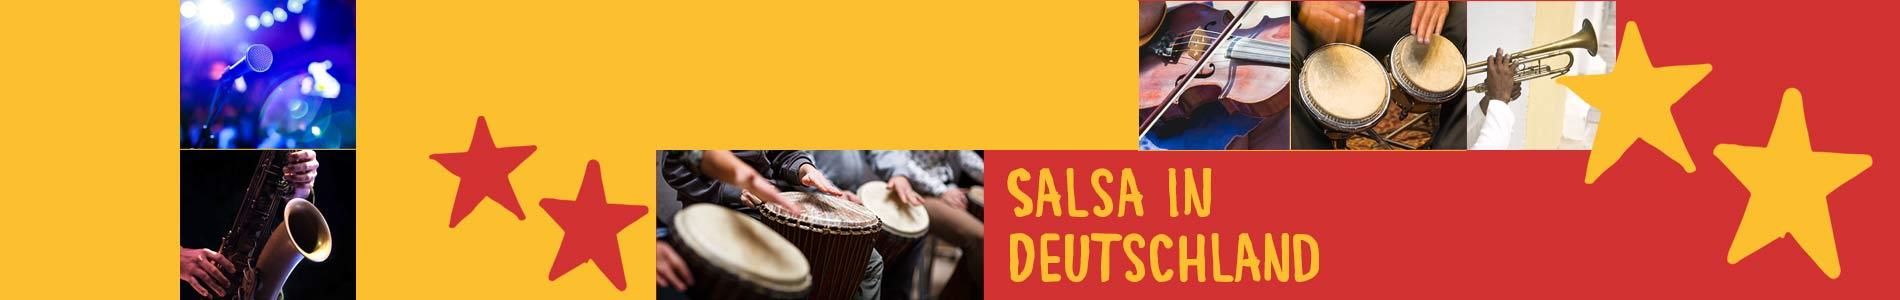 Salsa in Brokdorf – Salsa lernen und tanzen, Tanzkurse, Partys, Veranstaltungen